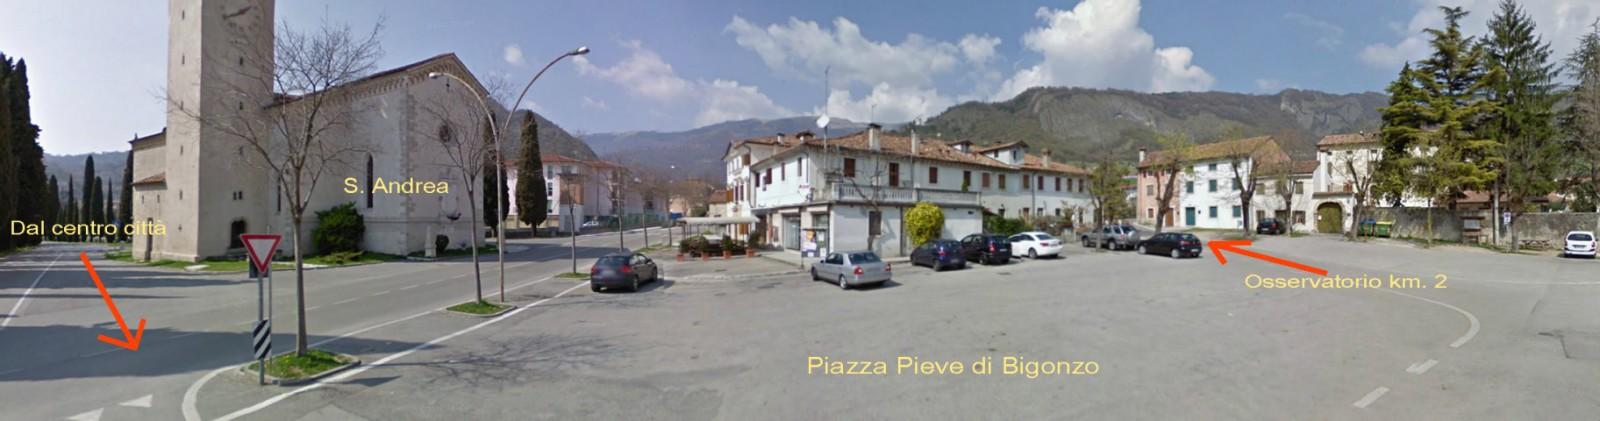 Piazza Pieve di Bigonzo